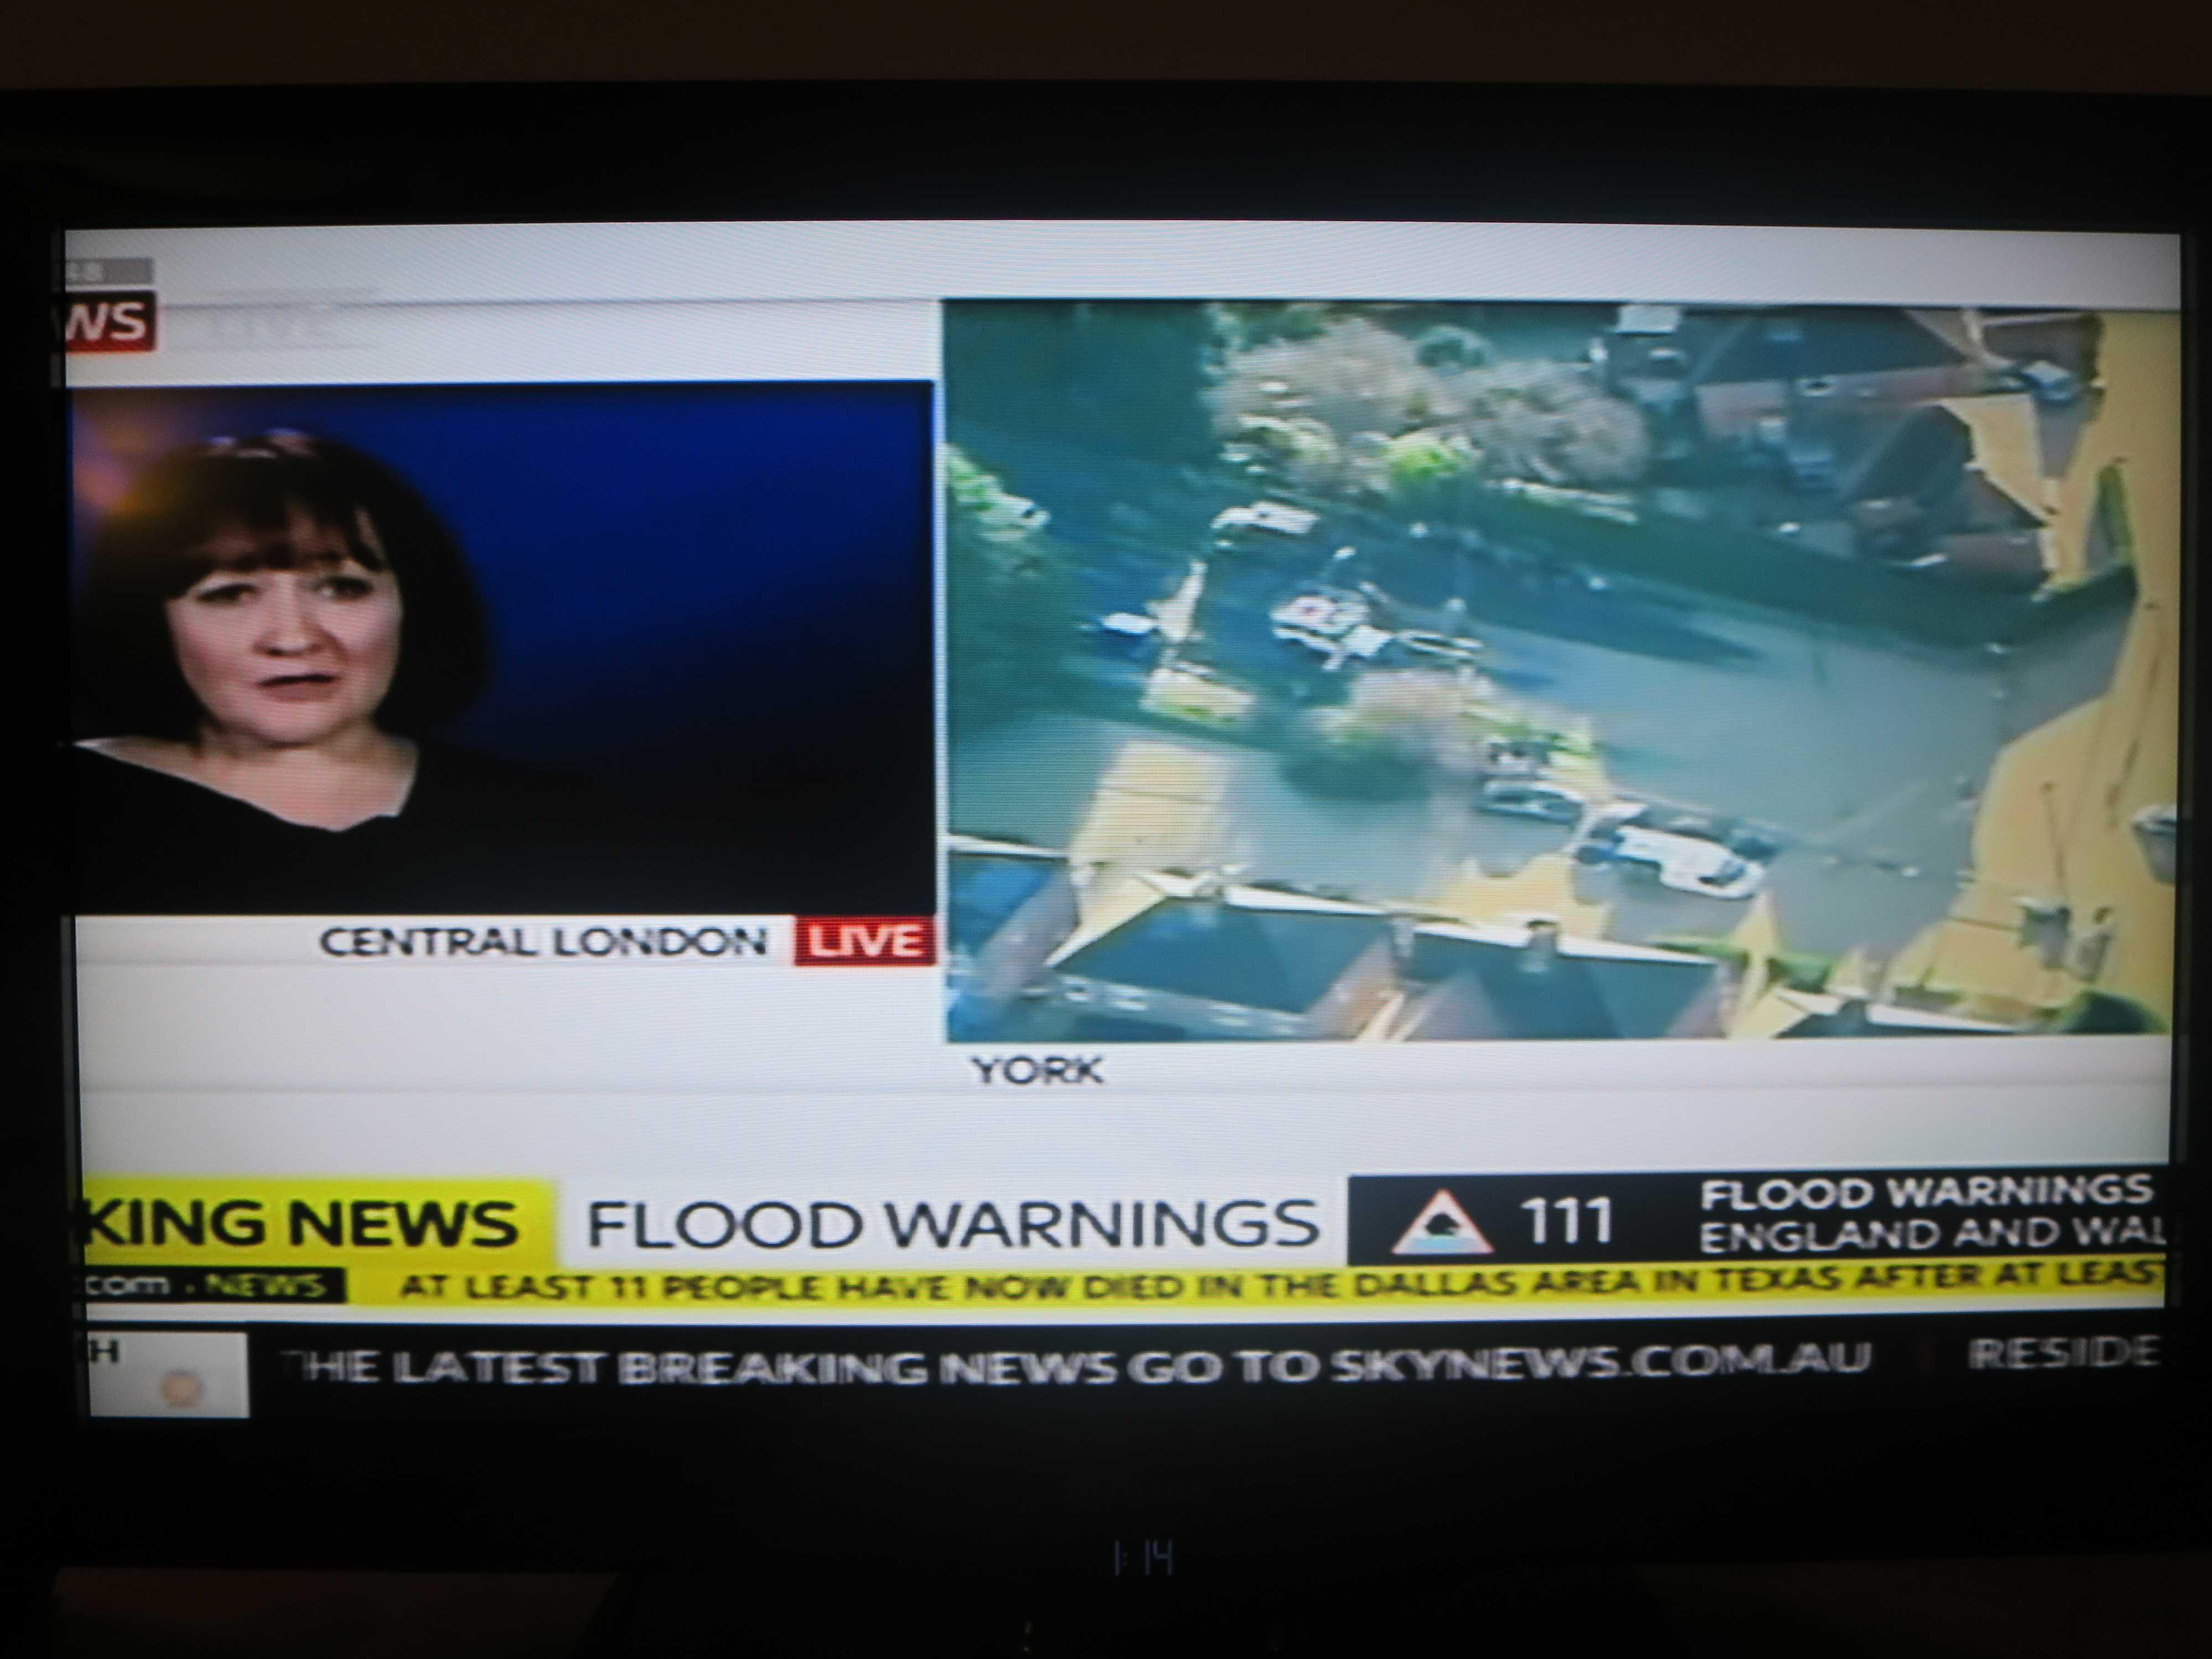 イングランドとウェールズの洪水被害